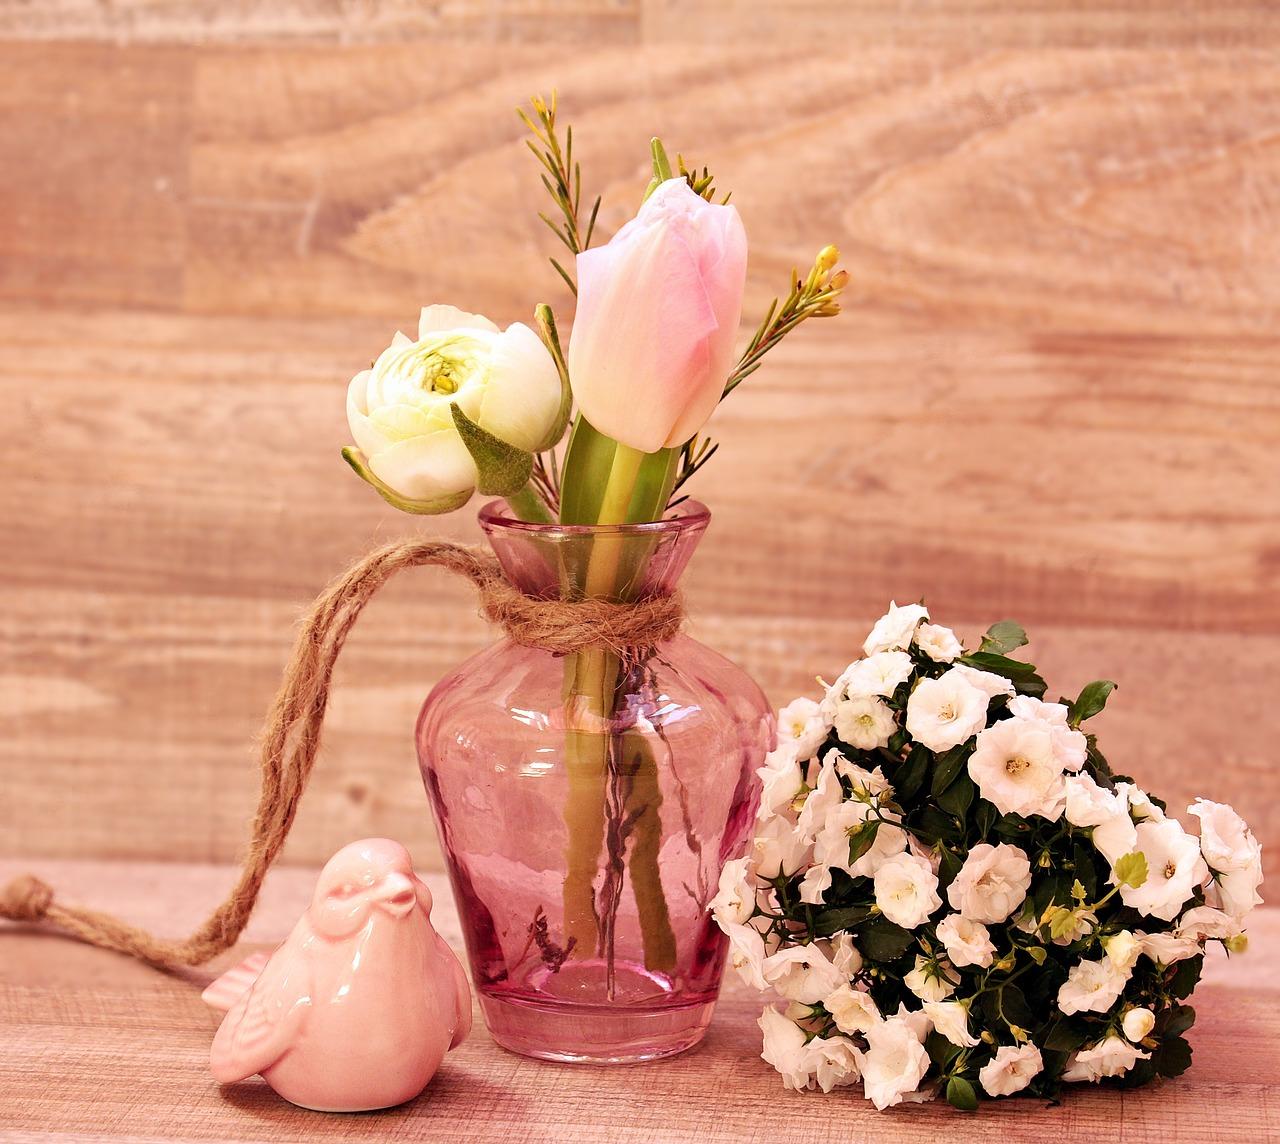 flowers vase.jpg